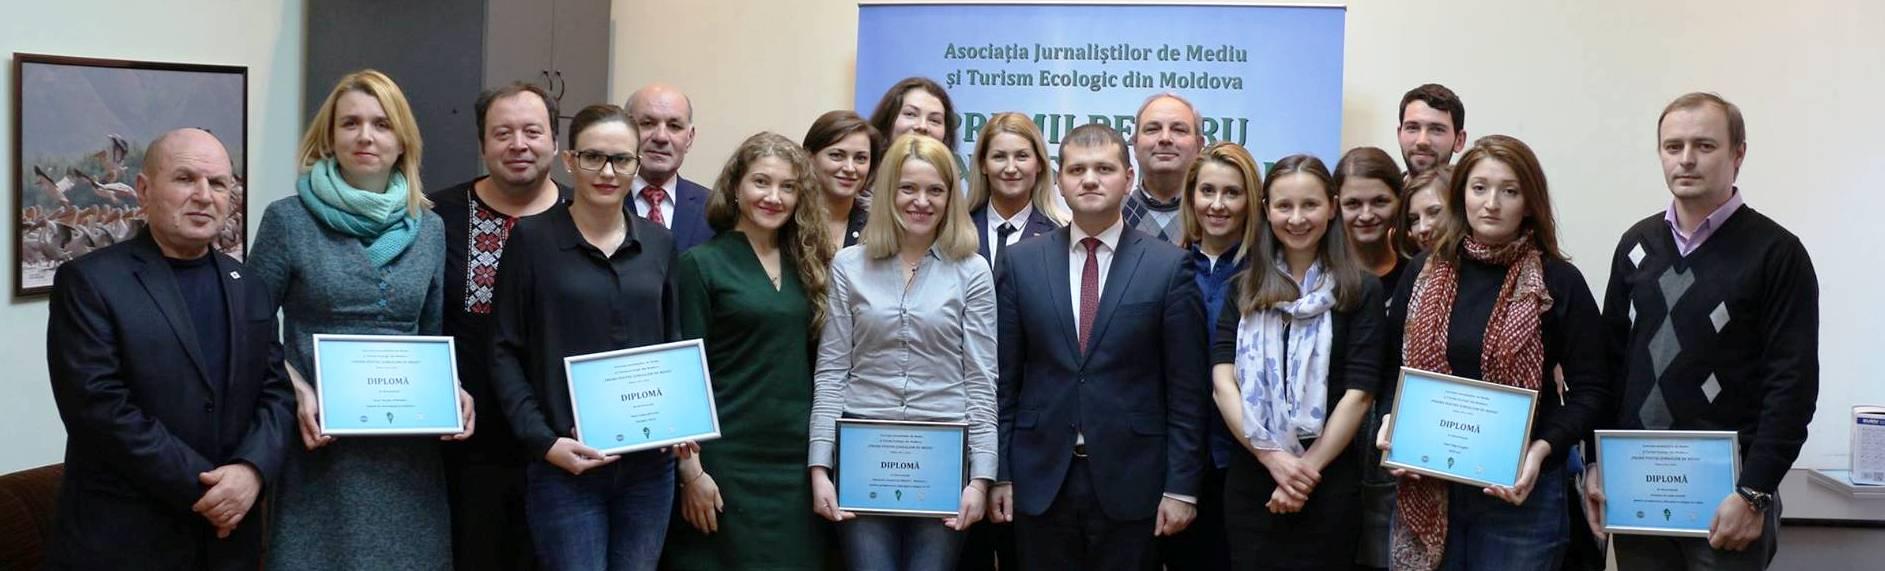 Susține! Concursul Premii pentru Jurnalism de Mediu